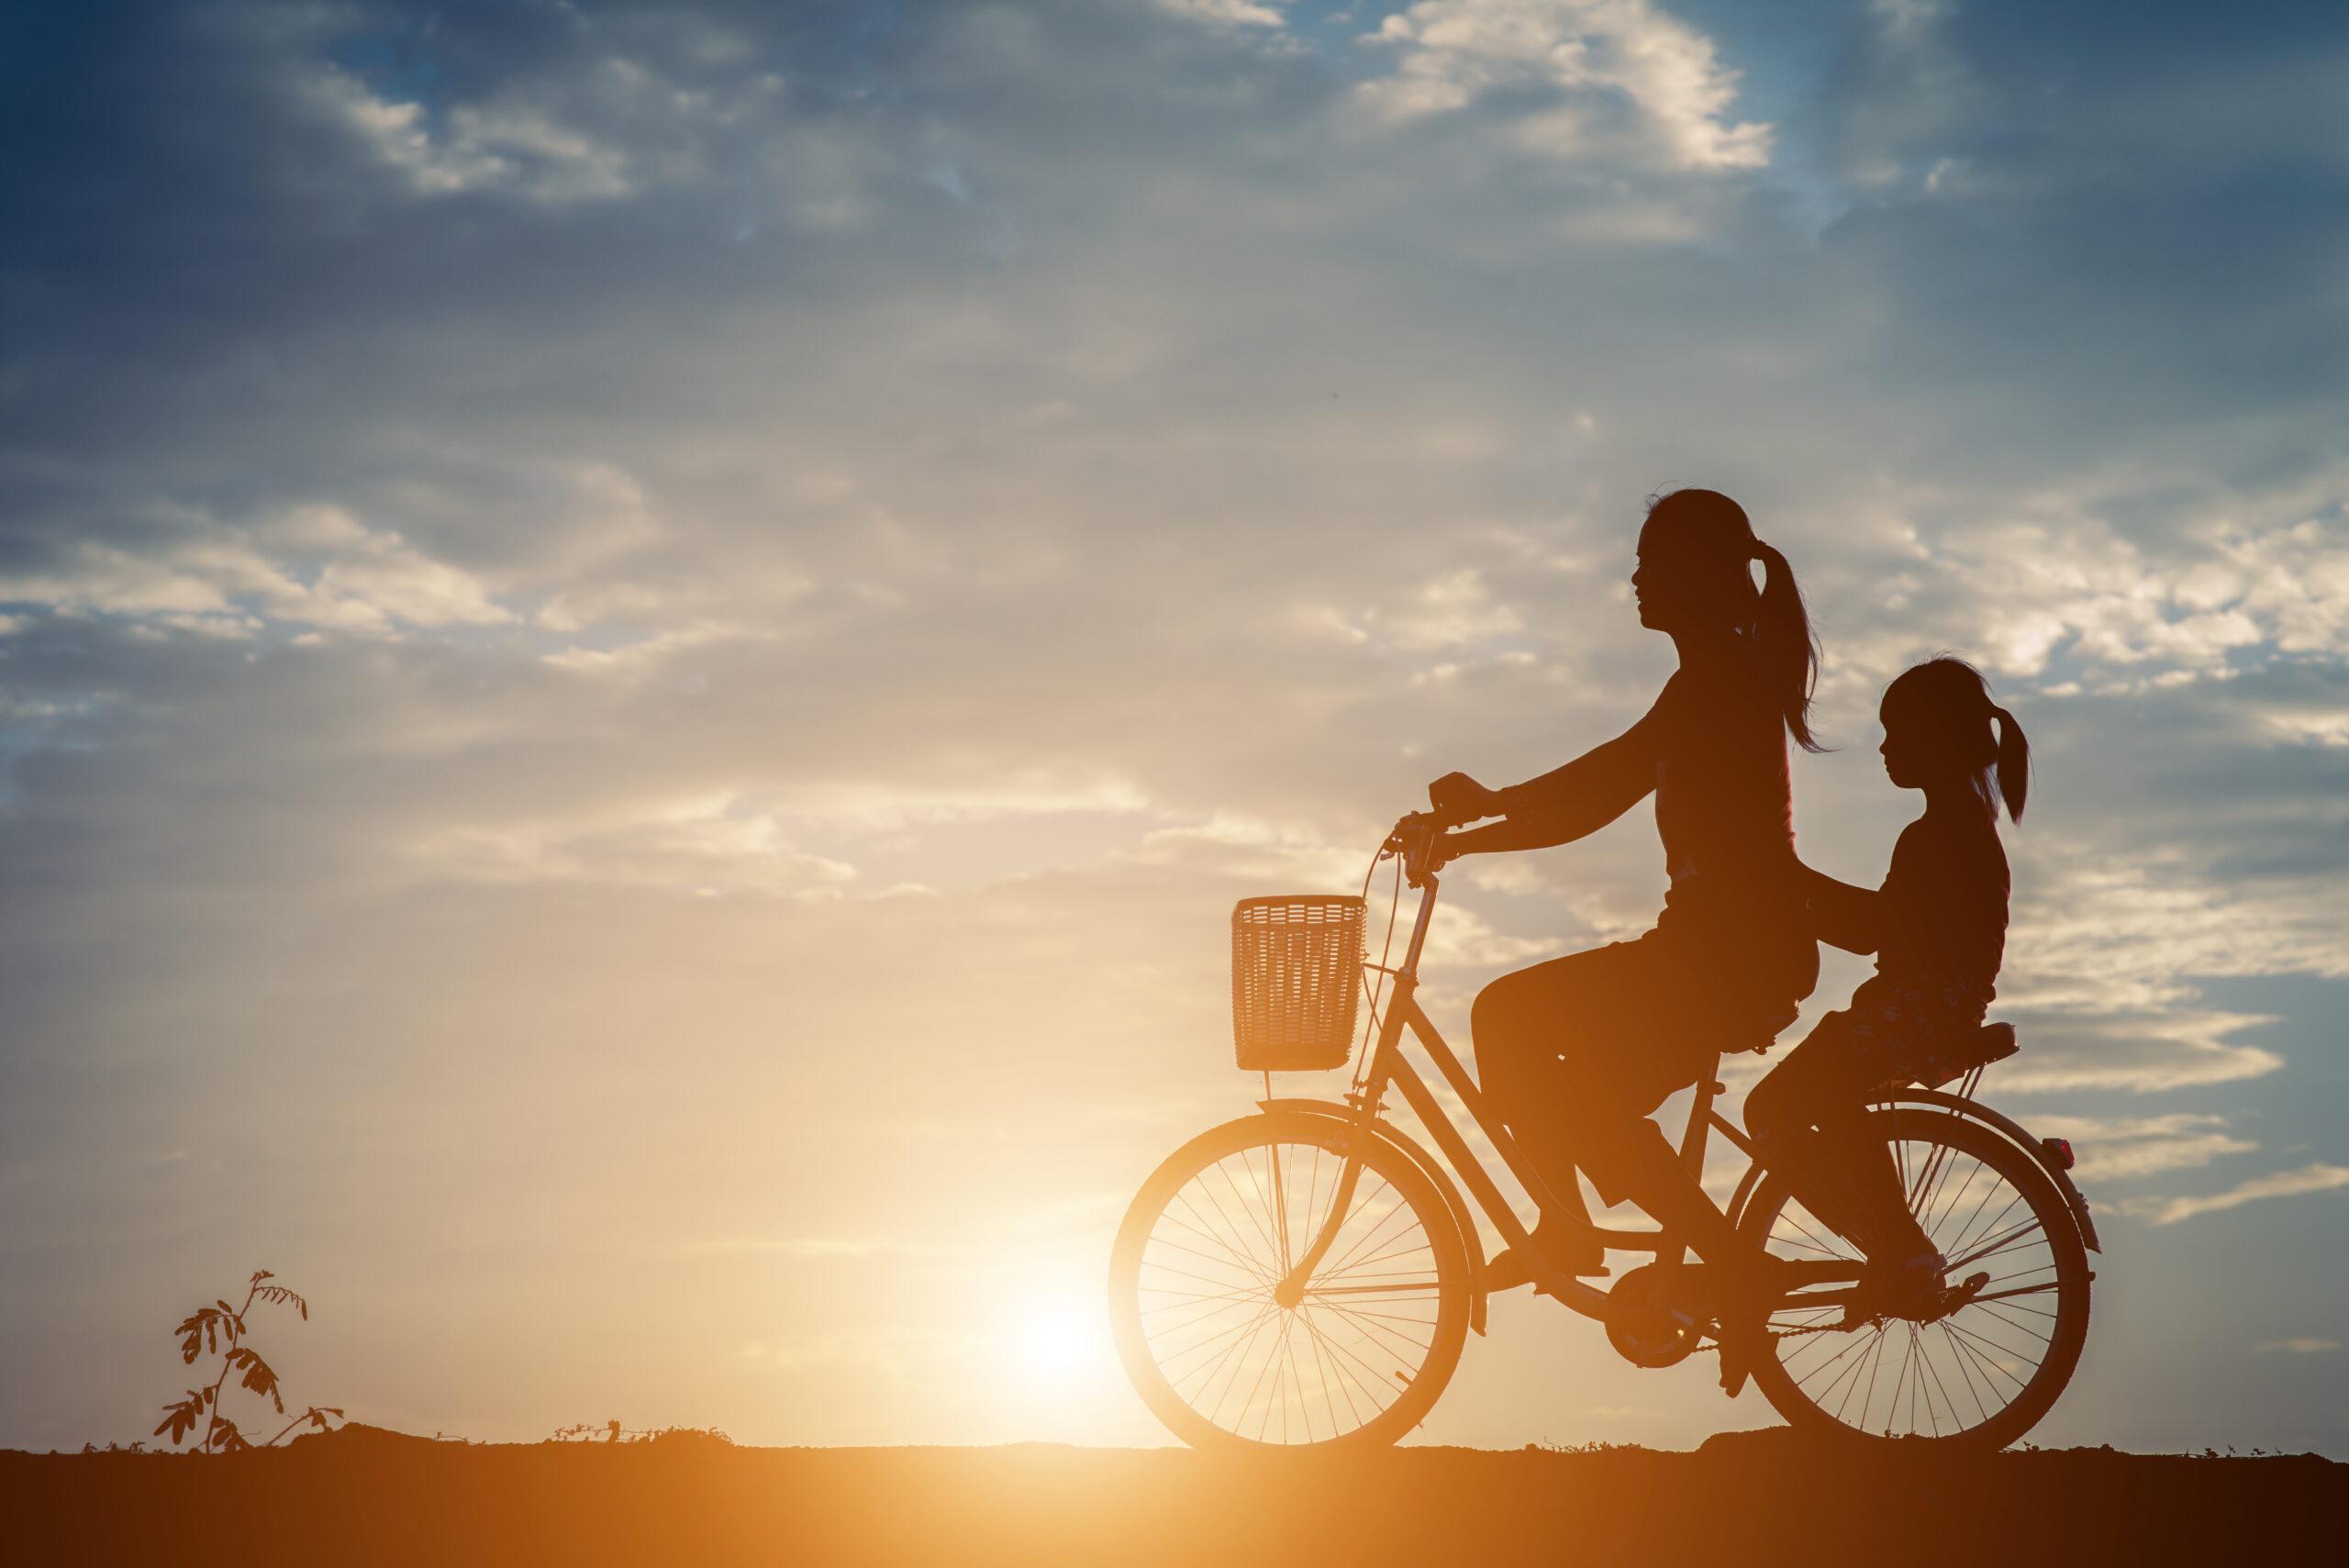 25 sugerencias sobre cómo vivir una vida feliz